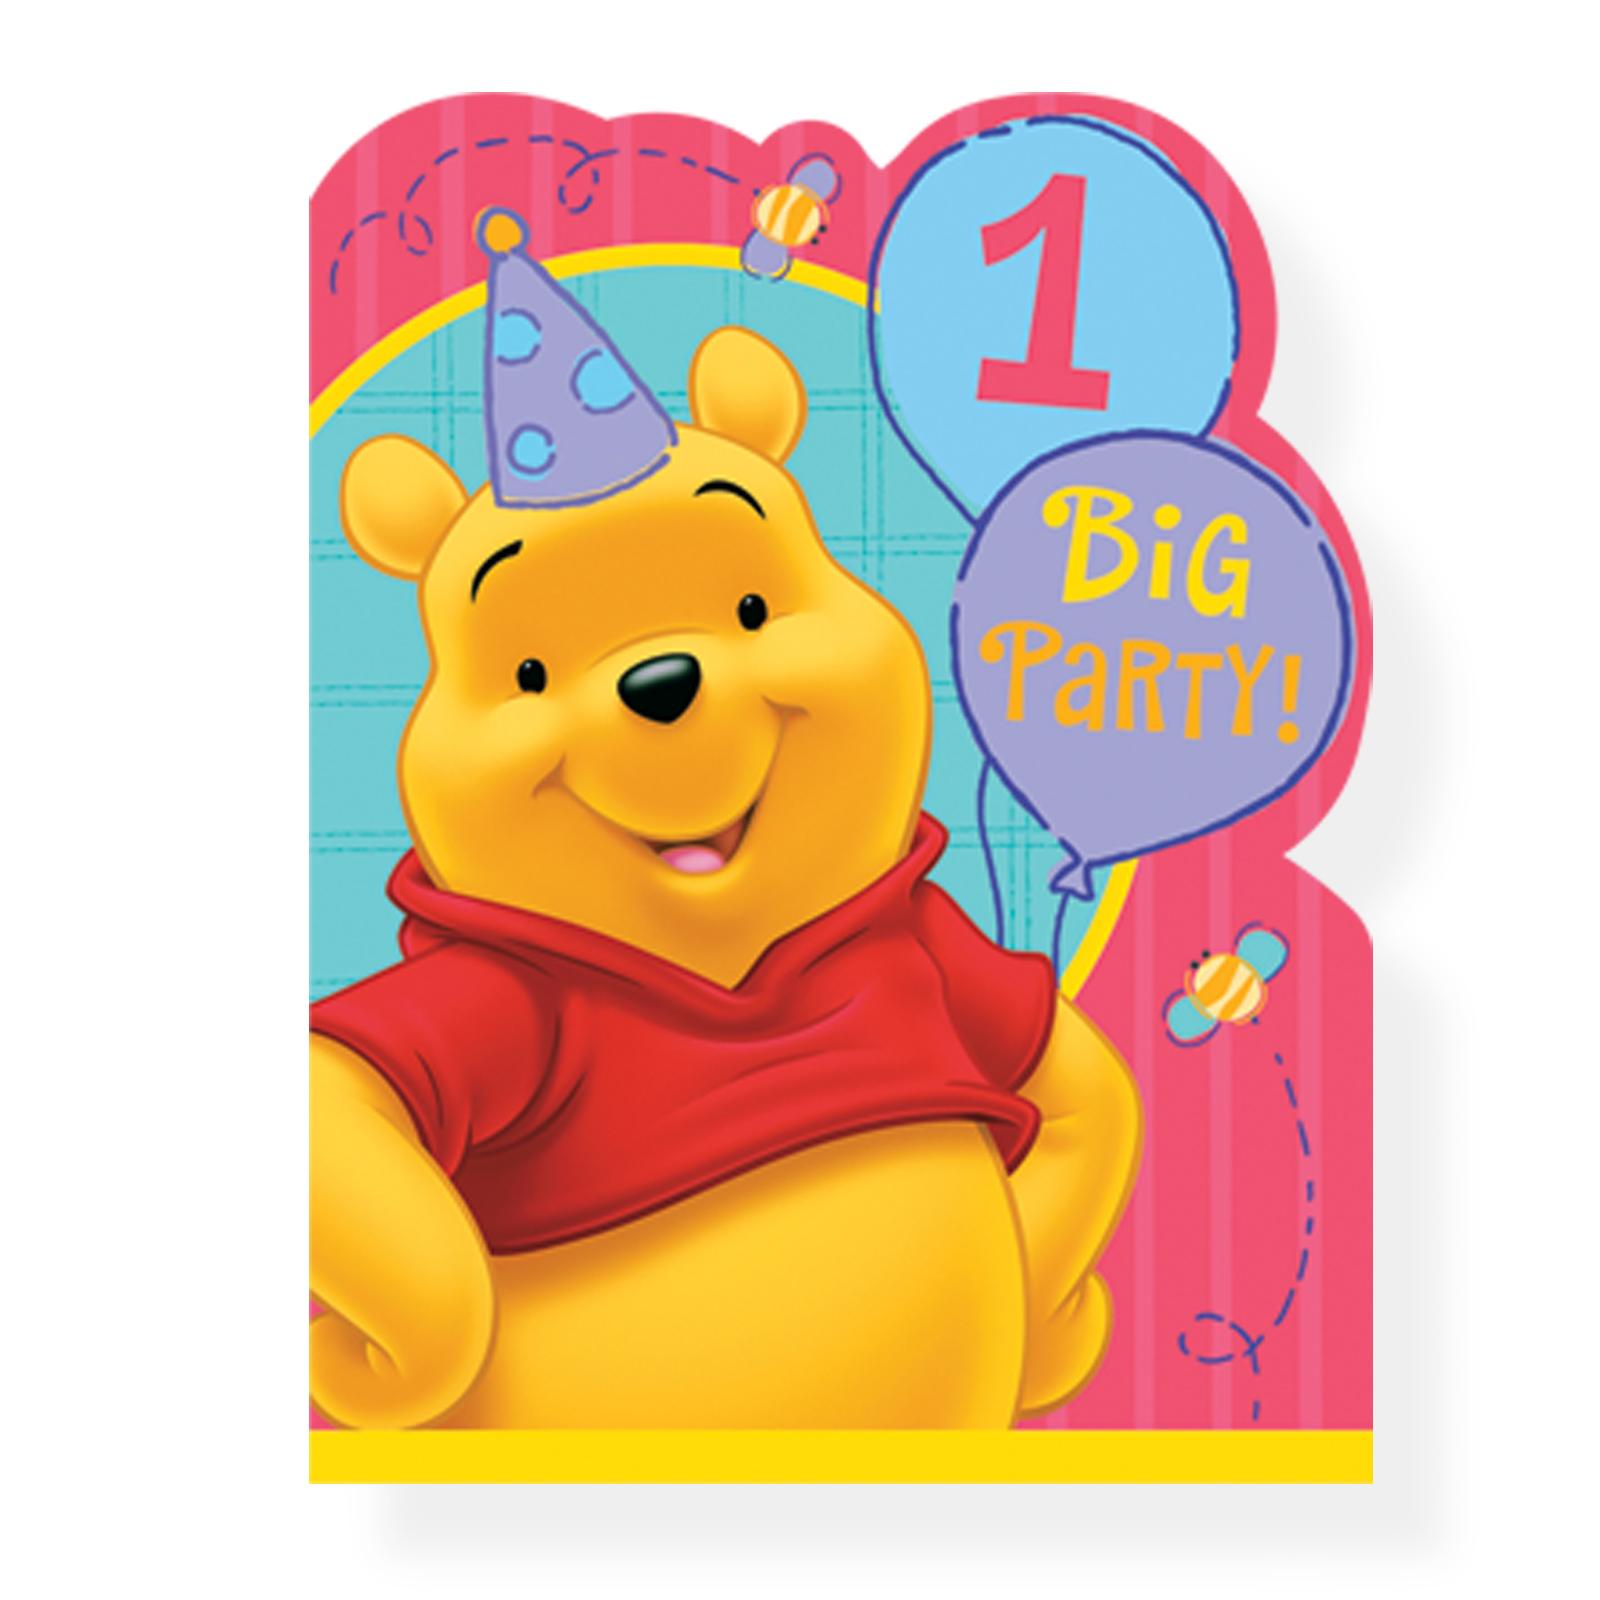 Поздравление с днём рождения от винни пуха в картинках